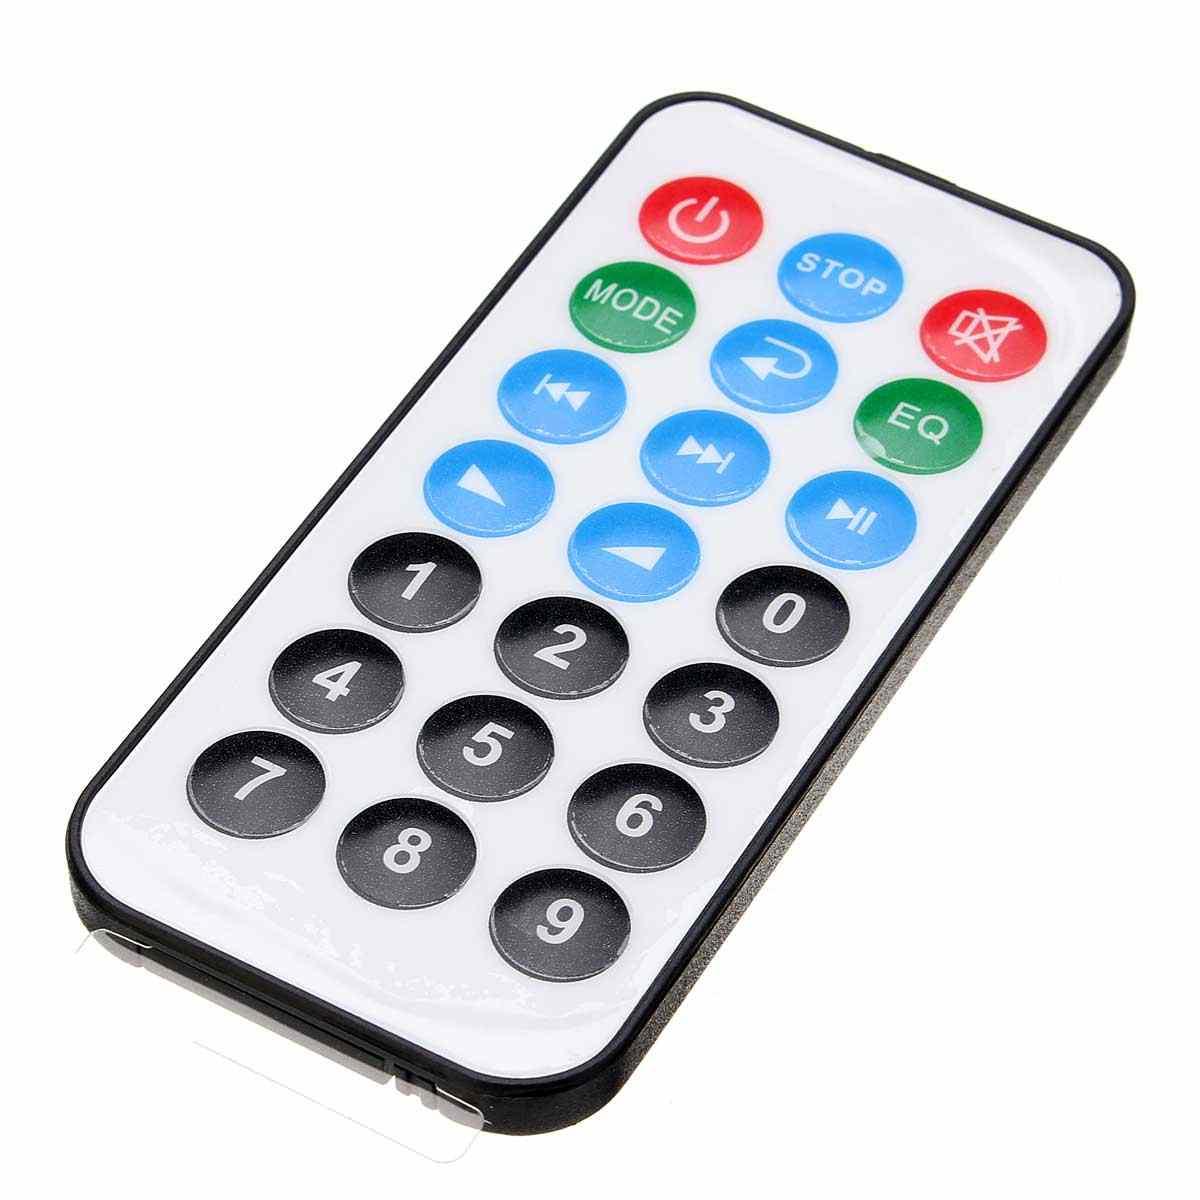 LEORY Profissional Rádio Decodificador Bordo Módulo de Áudio Sem Fio bluetooth 4.0 MP3 12 V WMA WAV APE FLAC MP3 Controle APP para o Carro